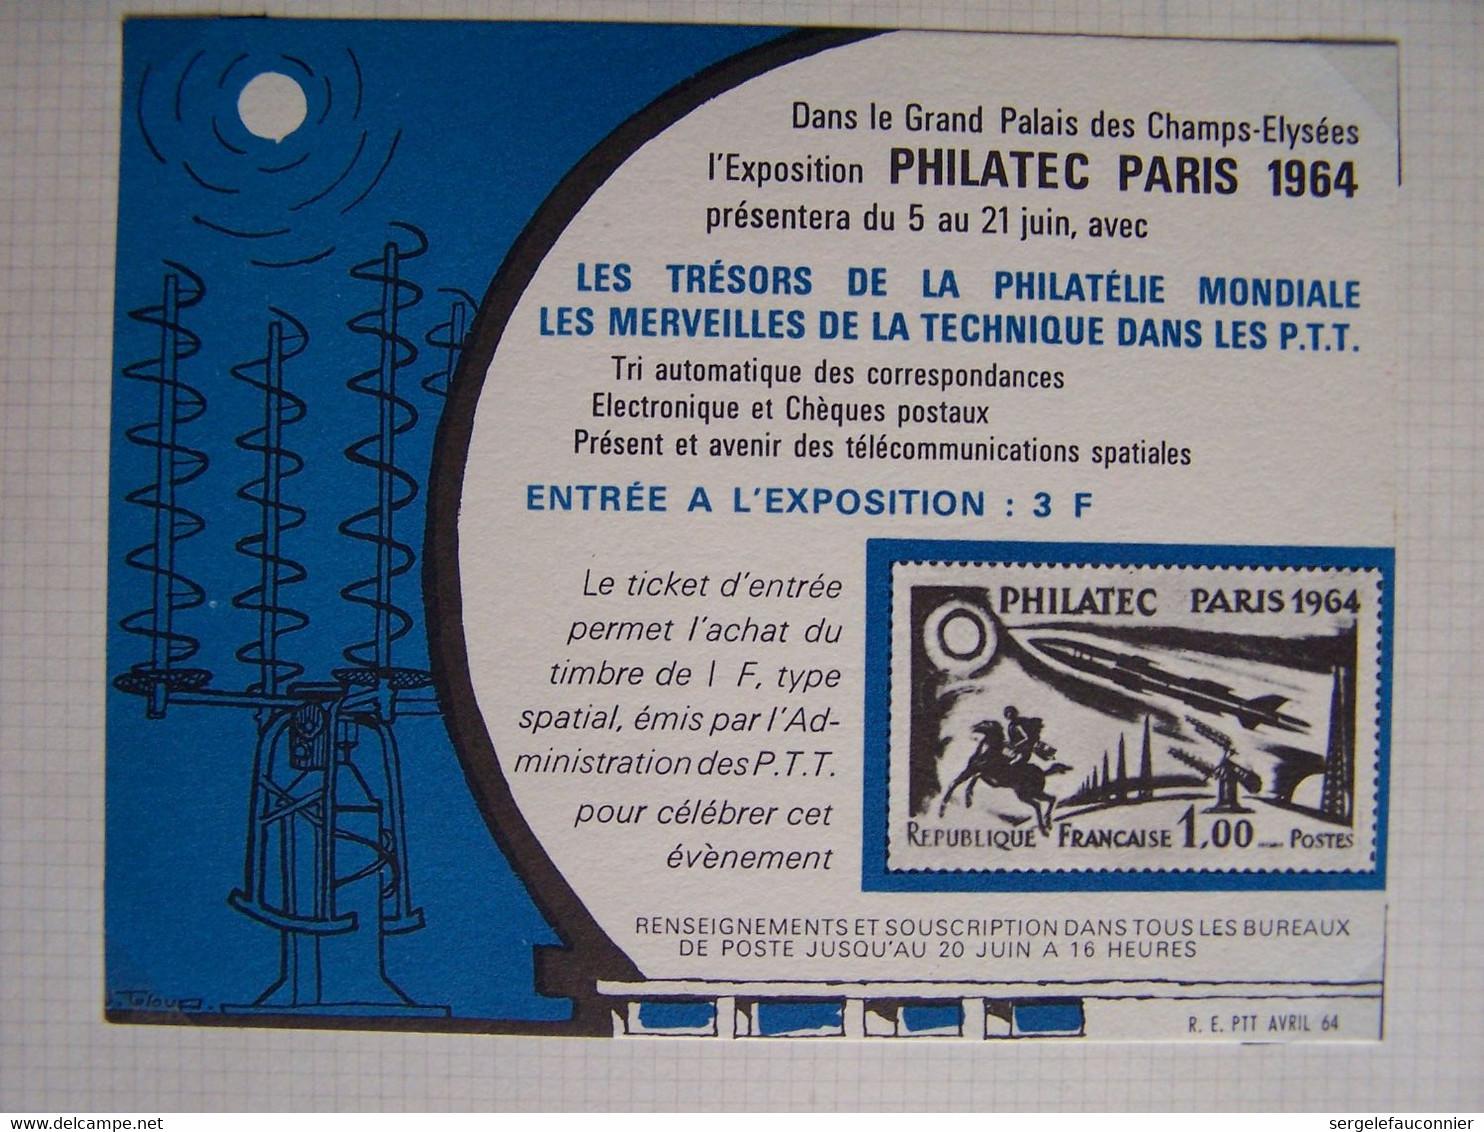 FRANCE PHILATEC PARIS 1964 TIMBRE NEUF ET 2 DOCS - Nuovi